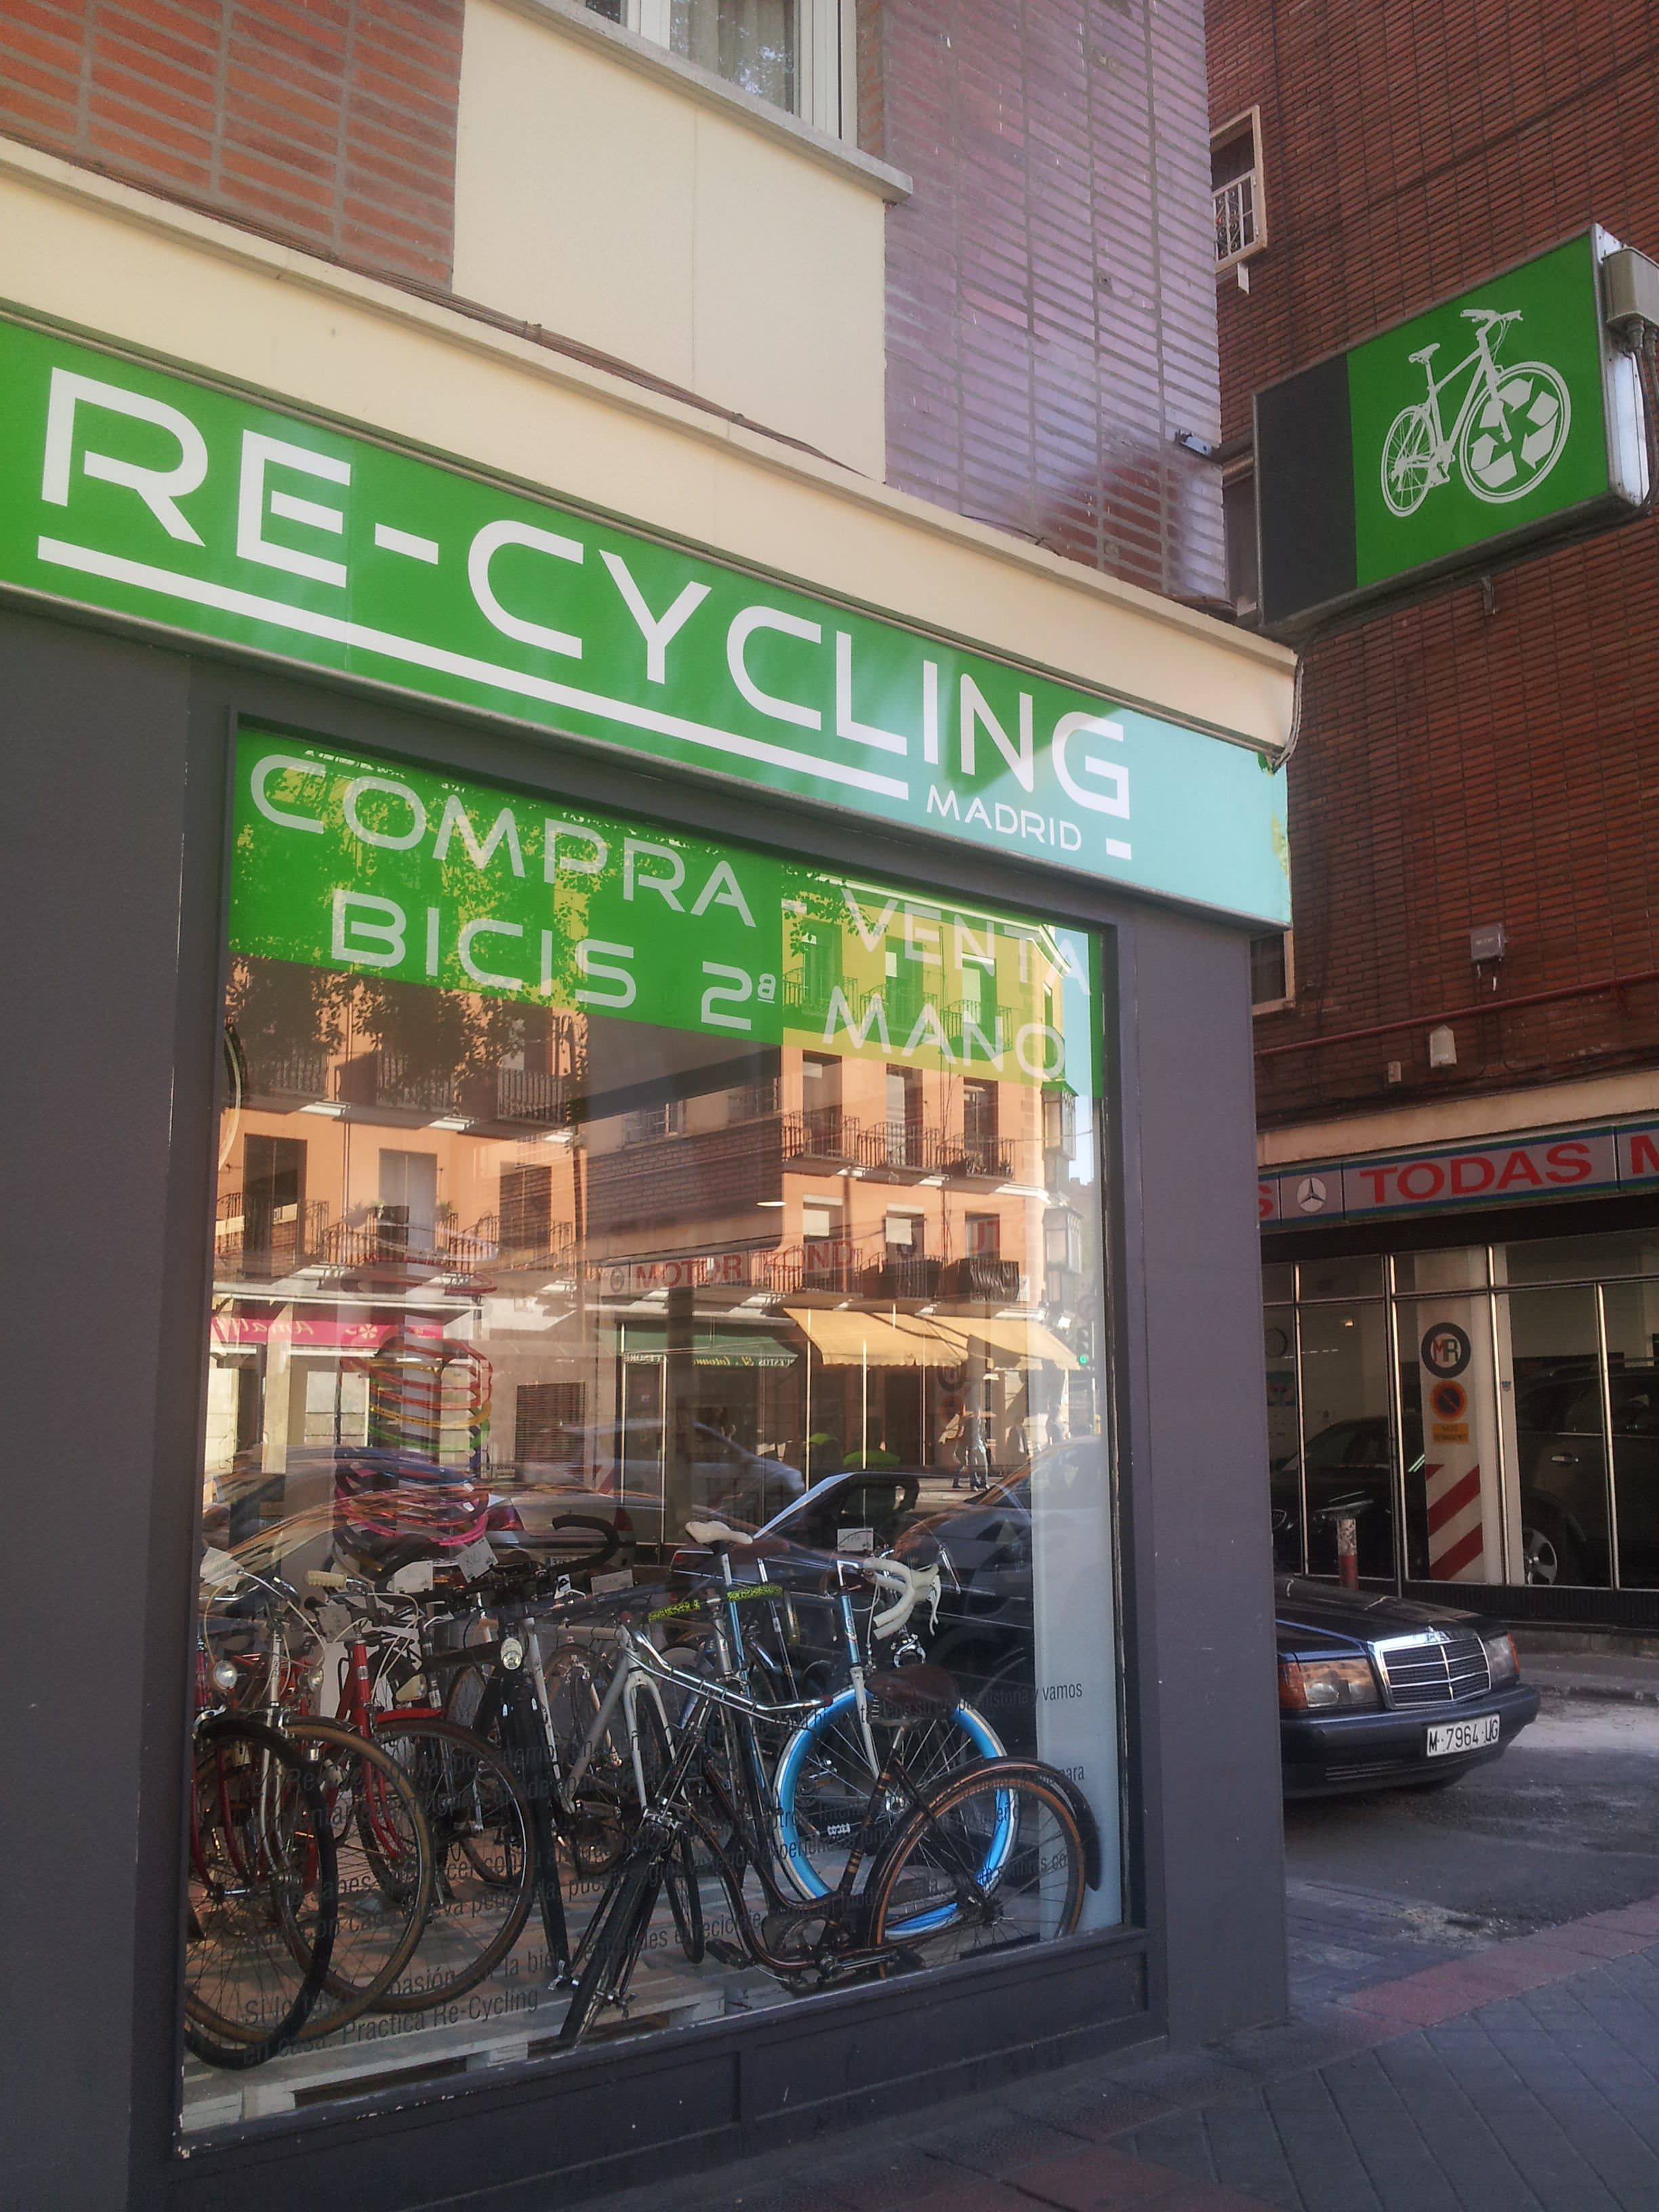 Escaparate de Recycling